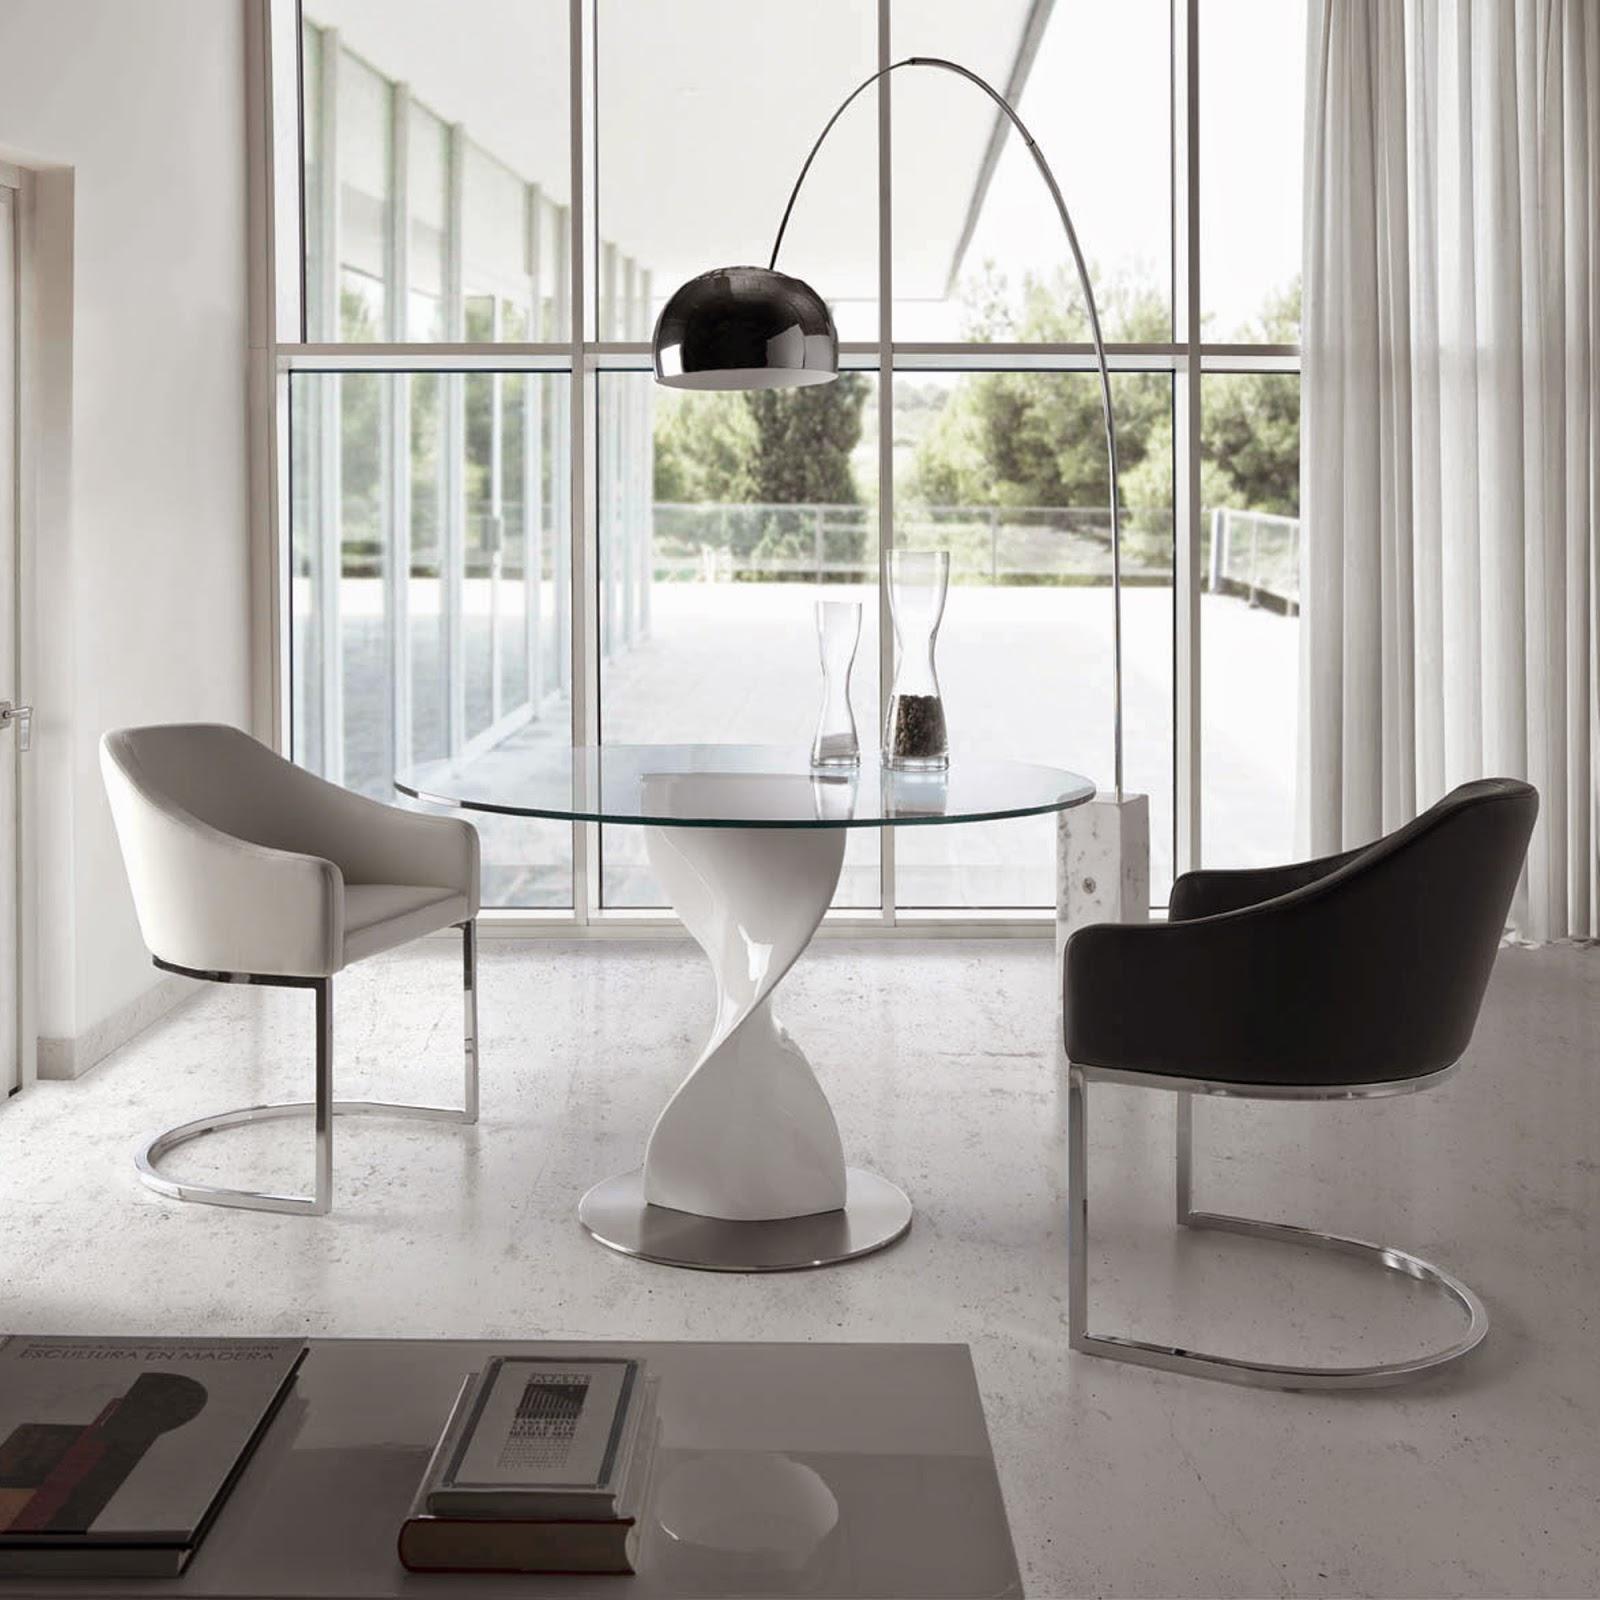 Mesas de comedor 10 mesas de comedor redondas maravillosas - Mesas redondas cristal comedor ...